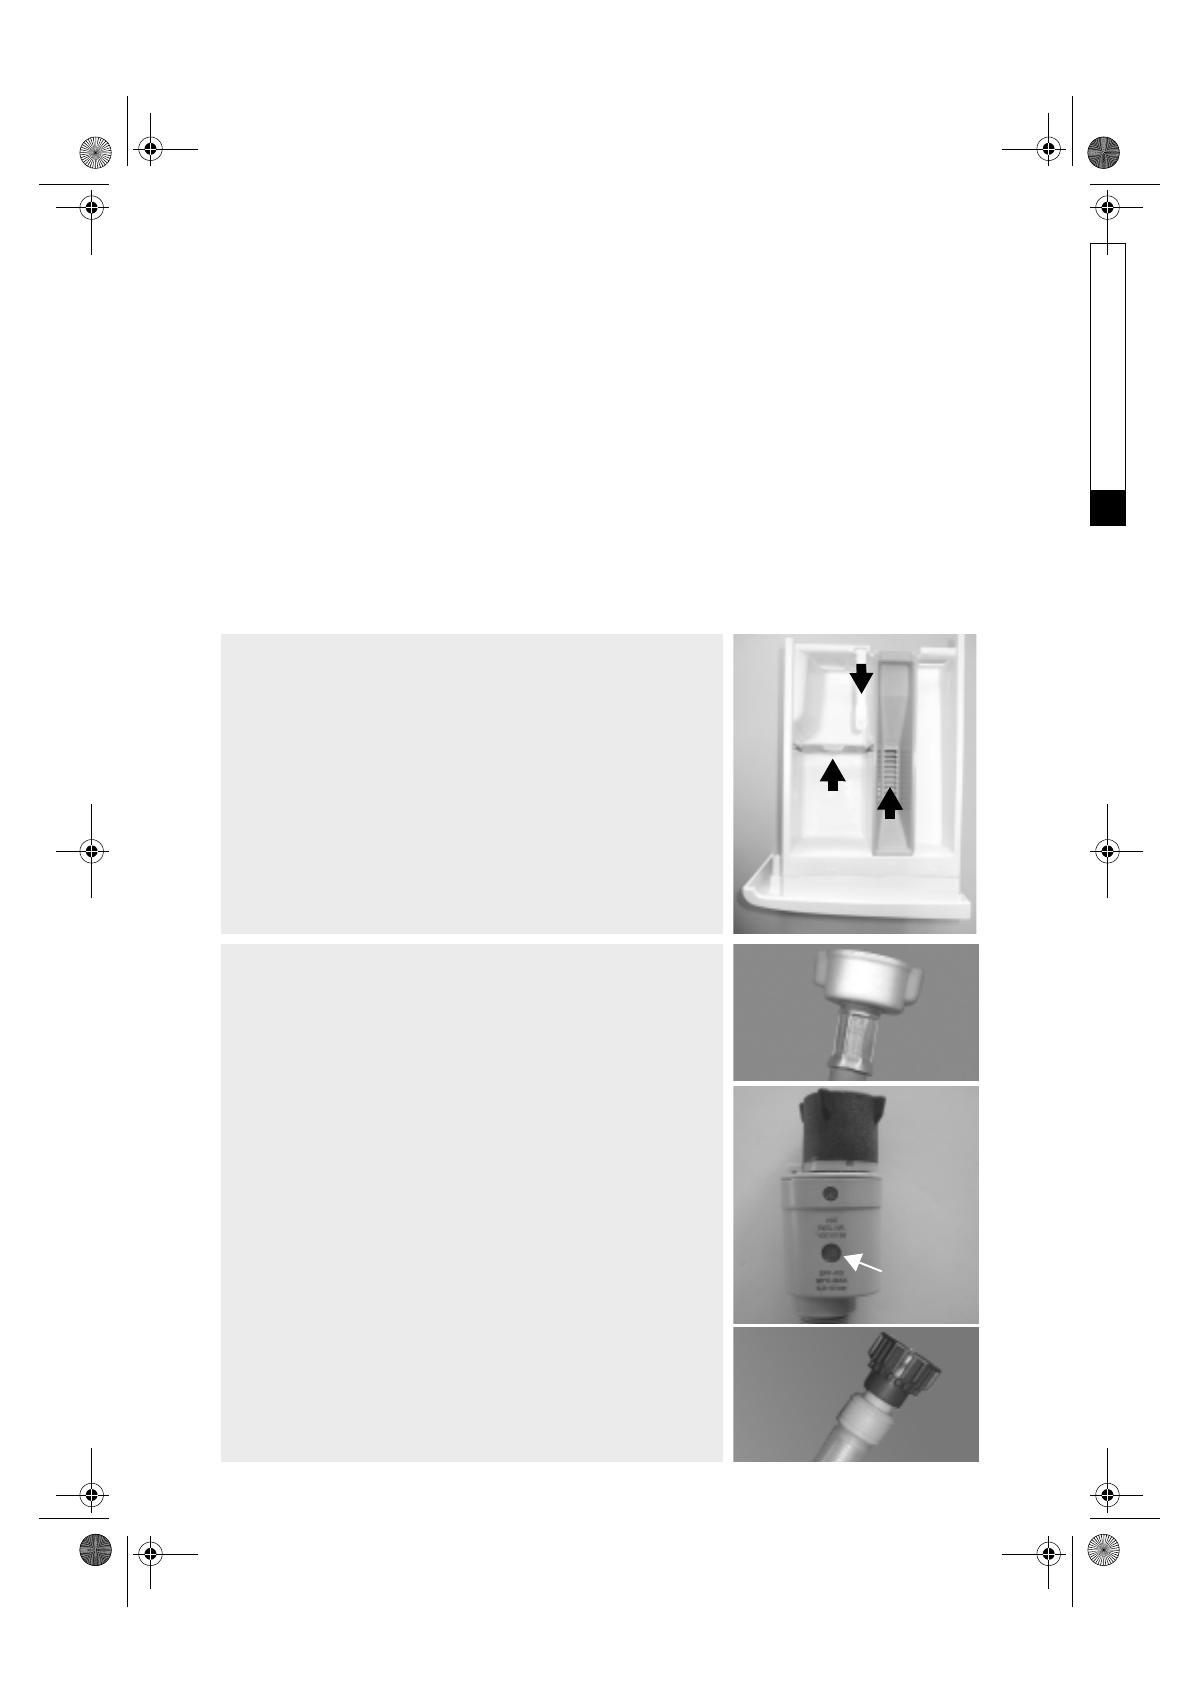 bedienungsanleitung bauknecht wa sens xl 714 seite 7 von 11 deutsch. Black Bedroom Furniture Sets. Home Design Ideas